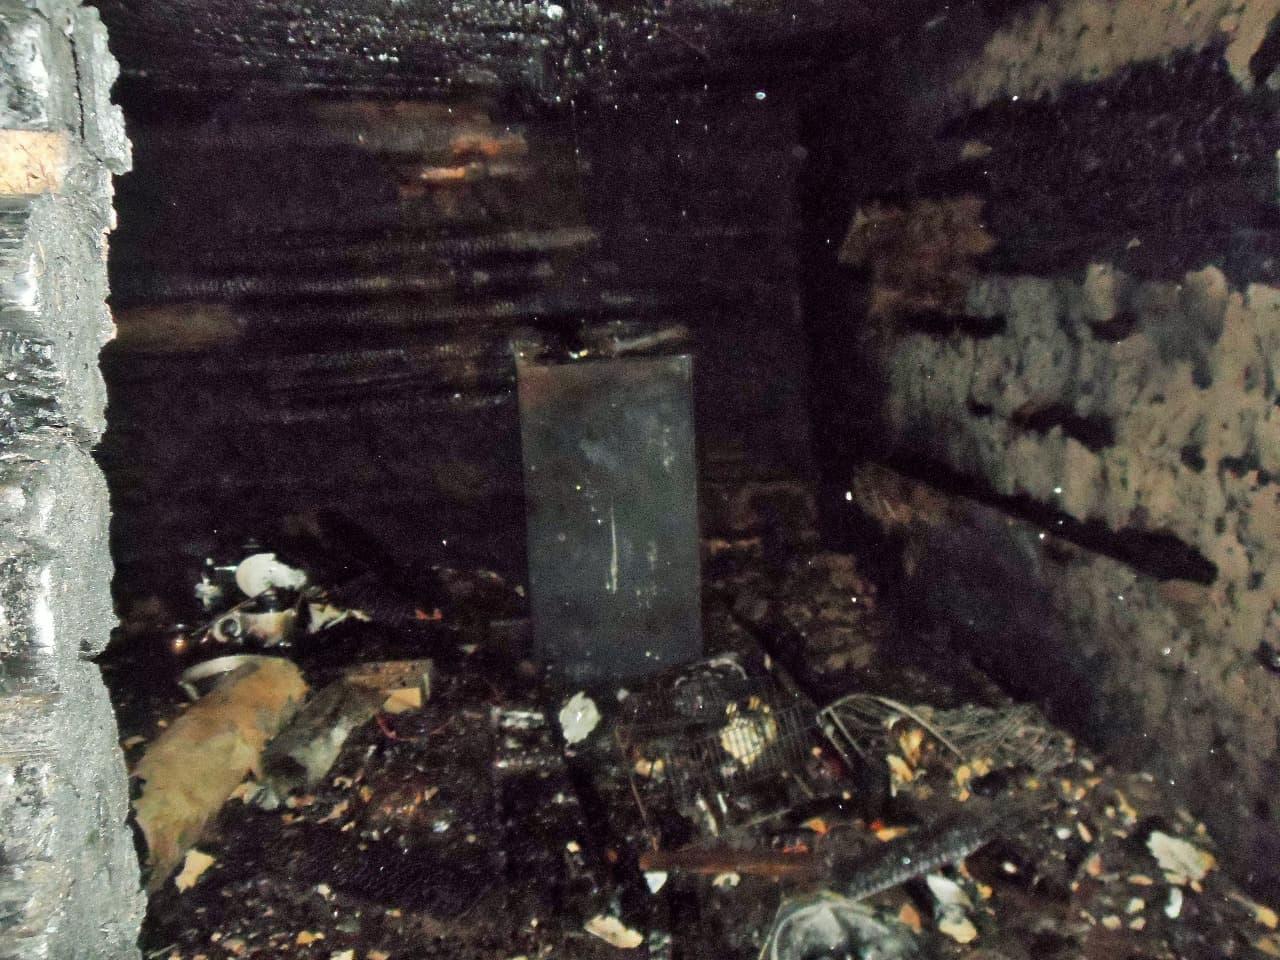 В Башкирии мужчина, пытаясь потушить полыхающий дом, получил серьезные ожоги